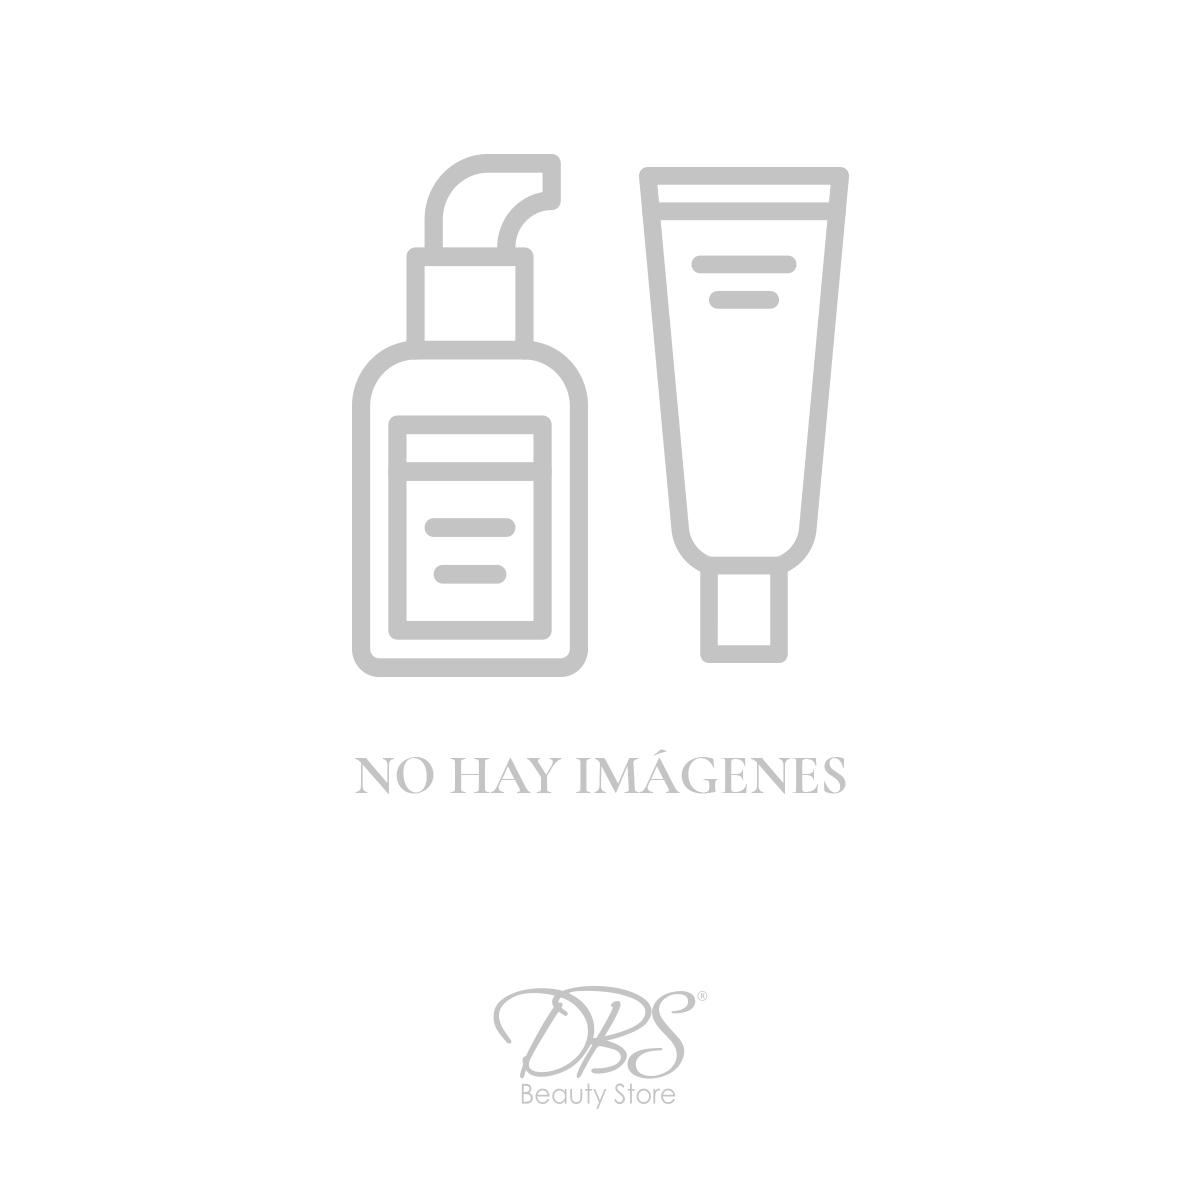 bath-and-body-works-BW-52907.jpg